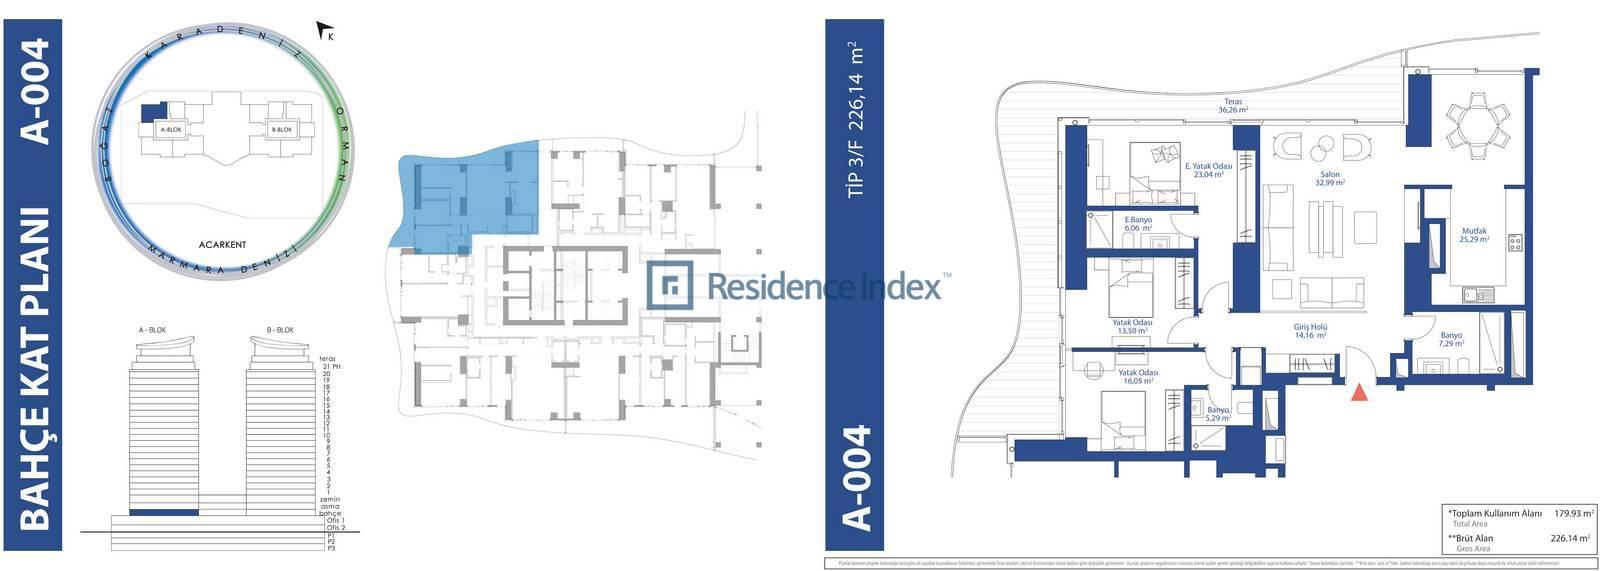 AcarBlu Residence Tip 3F